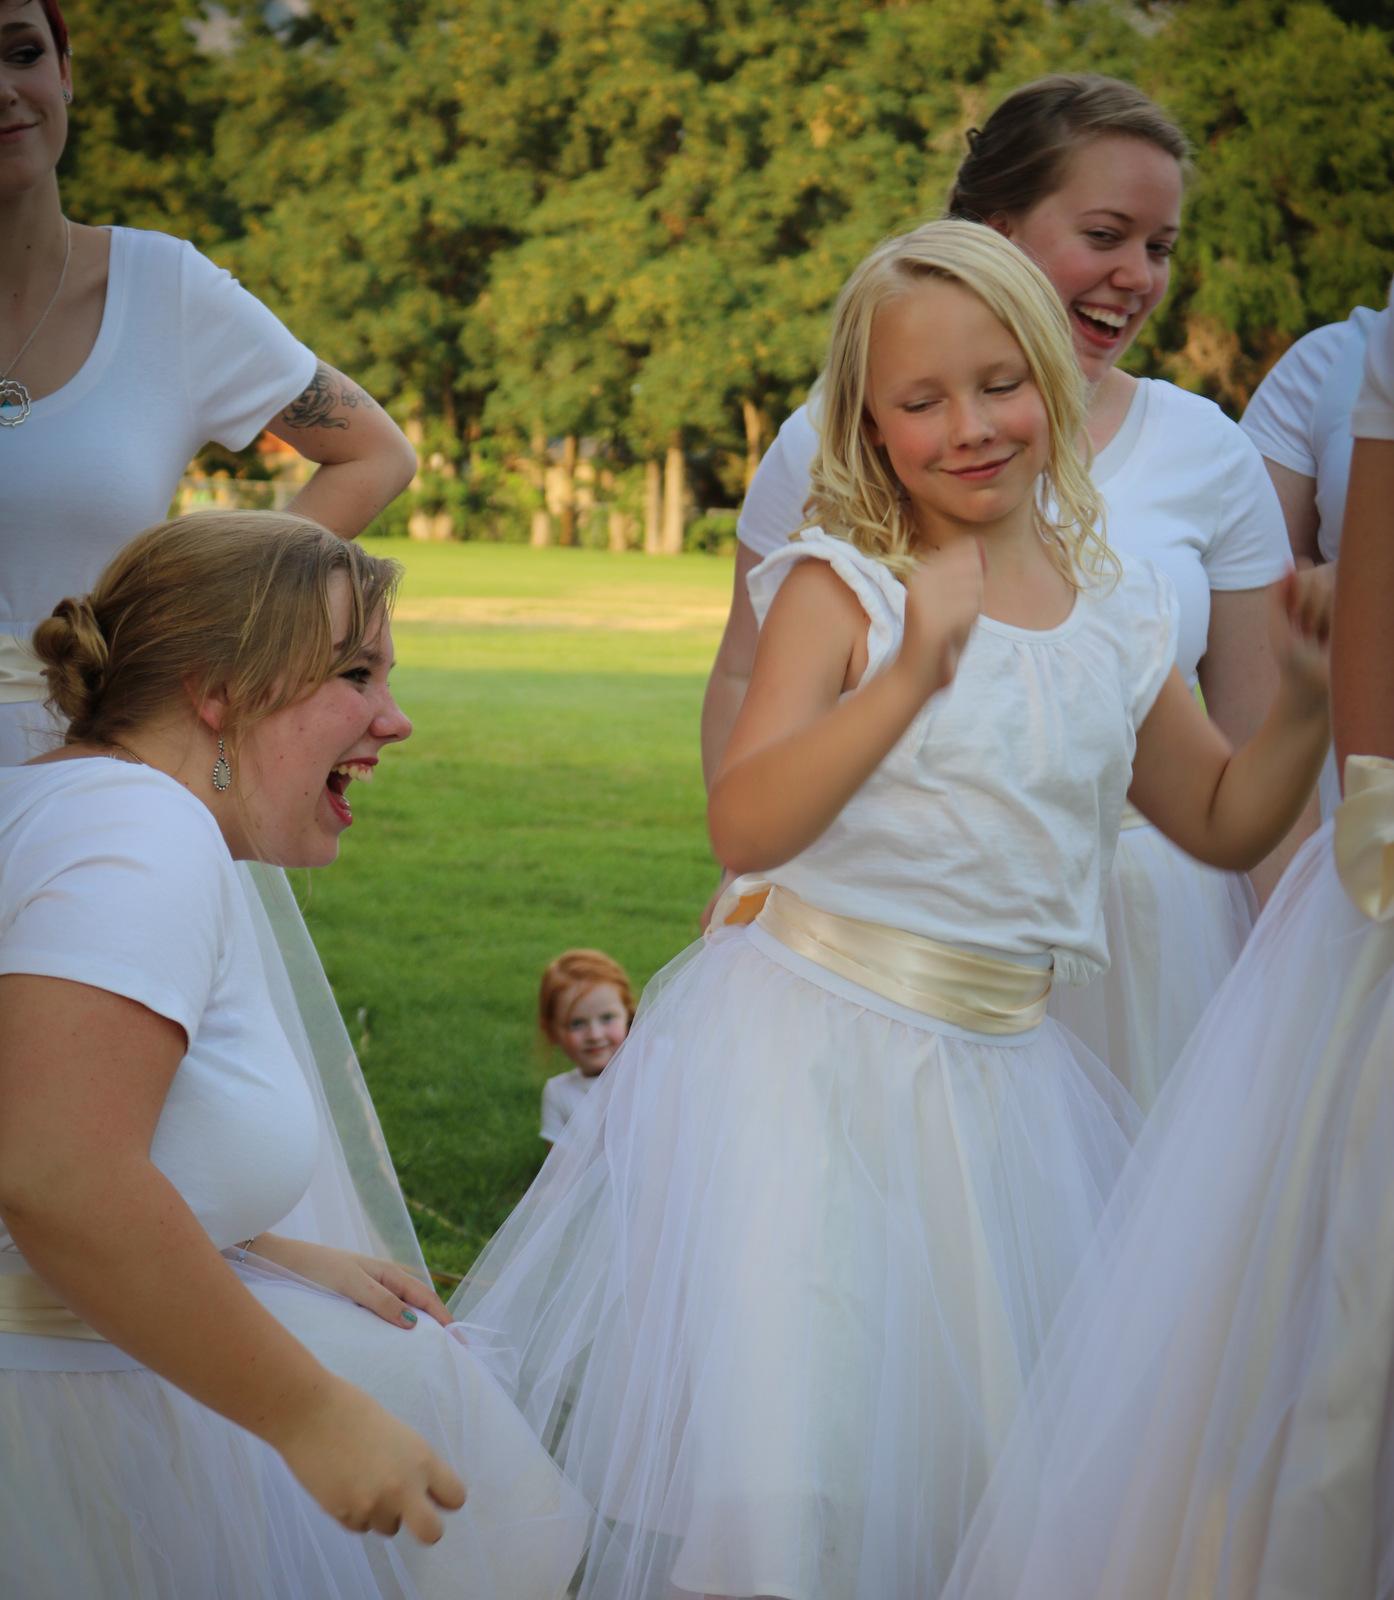 more bridesmaid antics